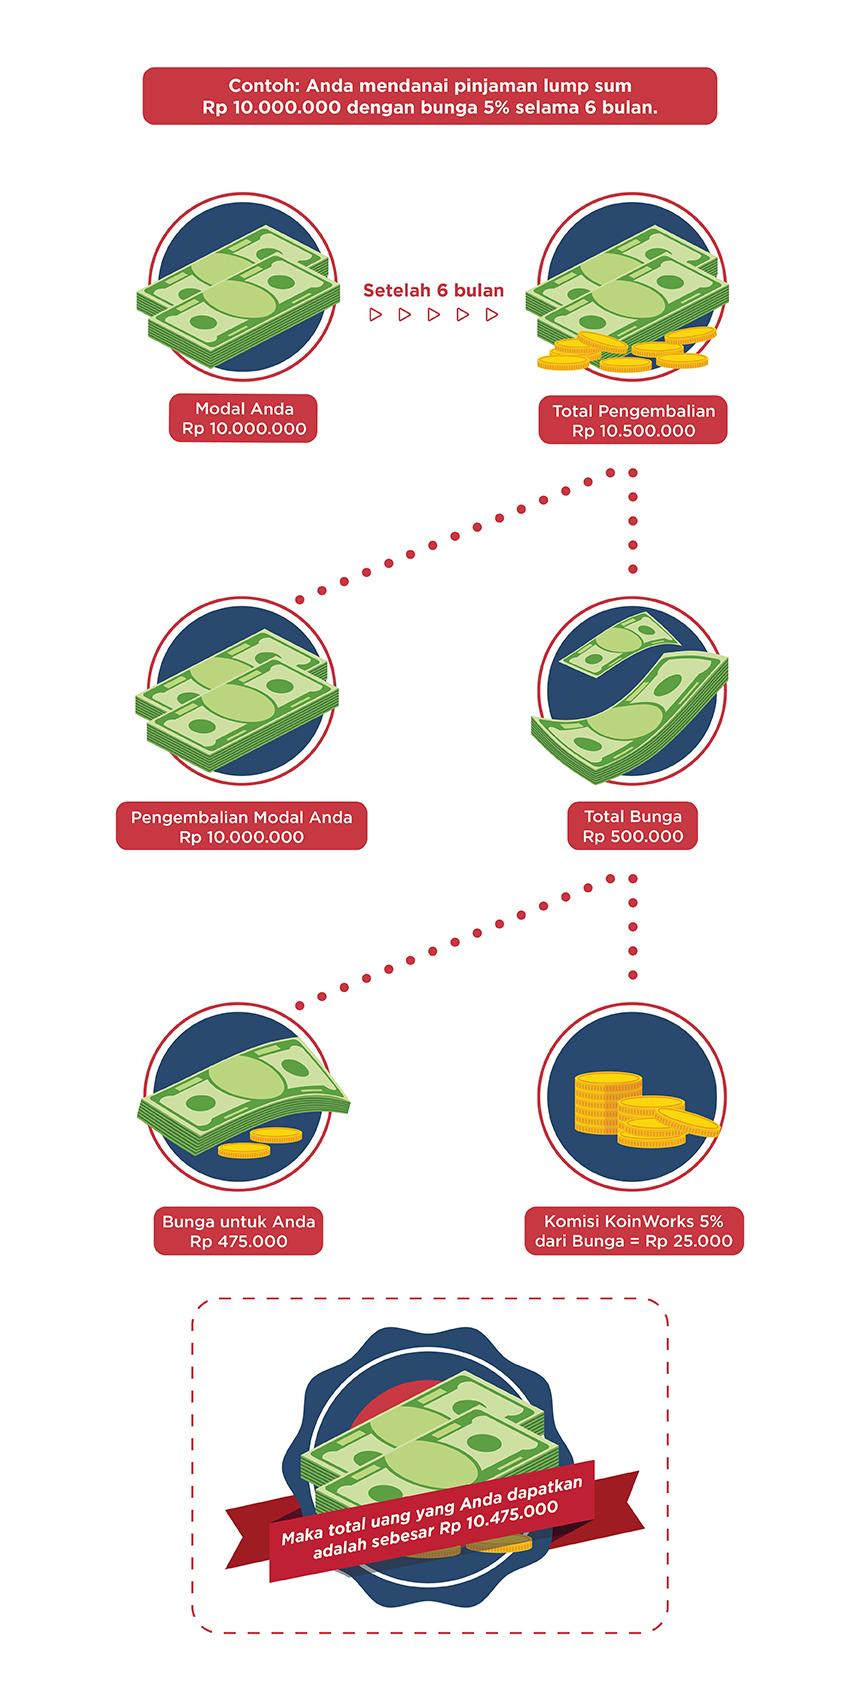 Ilustrasi Komisi KoinWorks untuk Pinjaman Lump Sum